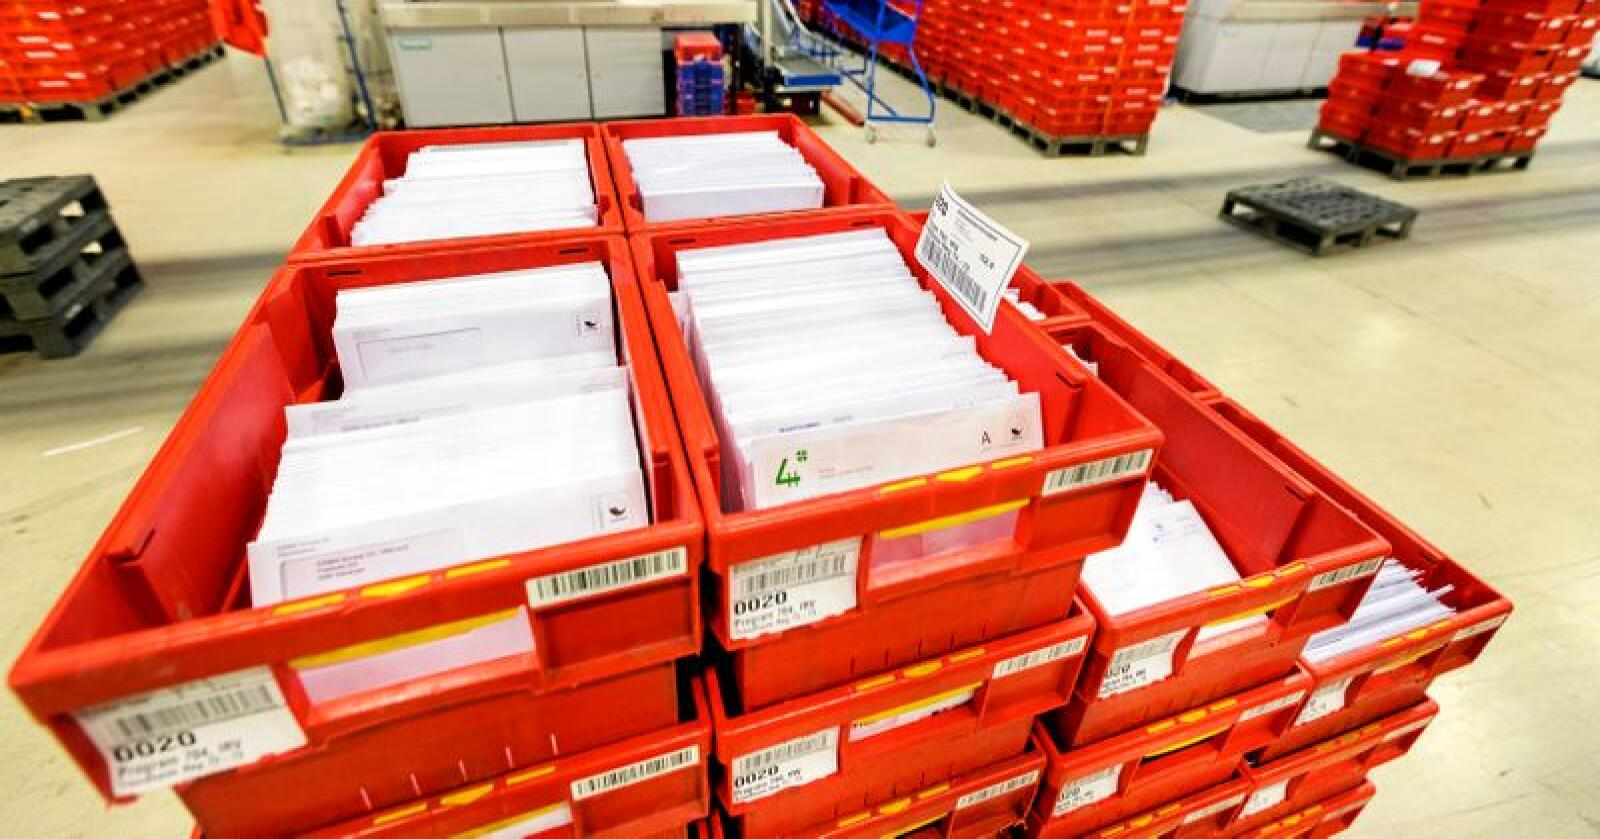 Posten leverer mindre og mindre. Derfor ønsker regjeringen å gjøre lovendringer som sier at posten skal leveres annenhver dag. Foto: Gorm Kallestad / NTB scanpix